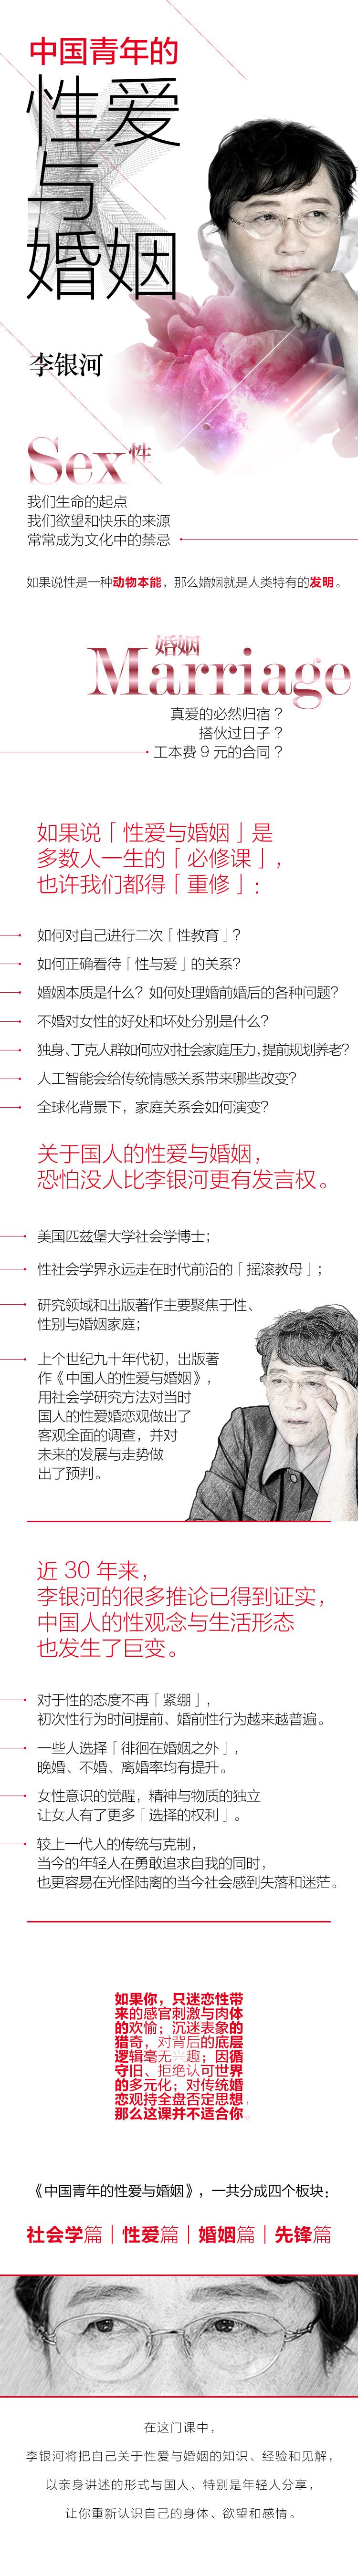 对话李银河:中国青年的性爱与婚姻 百度网盘